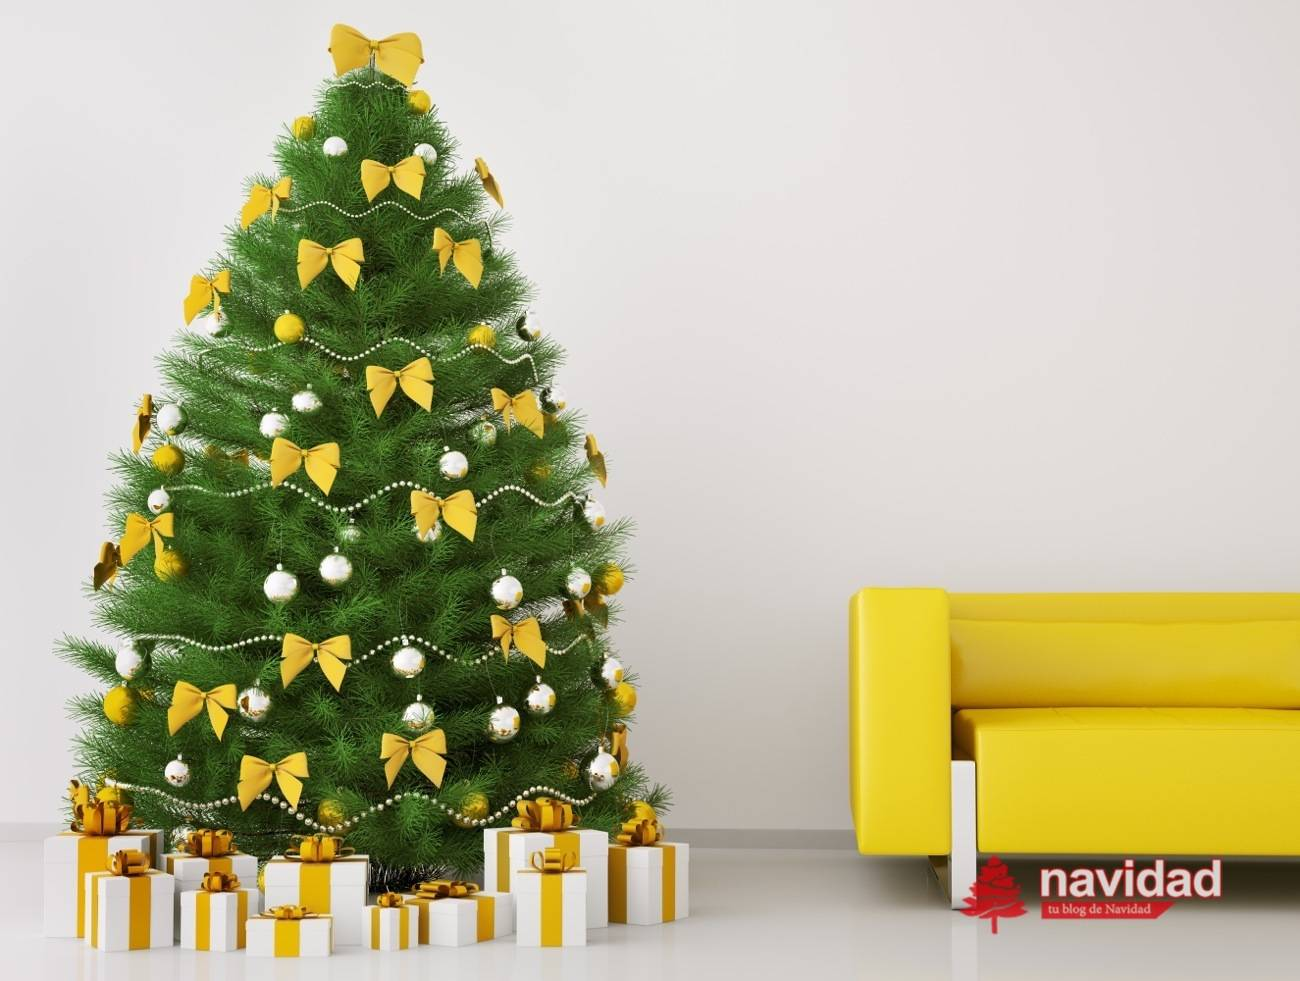 C mo escoger el mejor rbol de navidad for Ideas para decorar el arbol de navidad